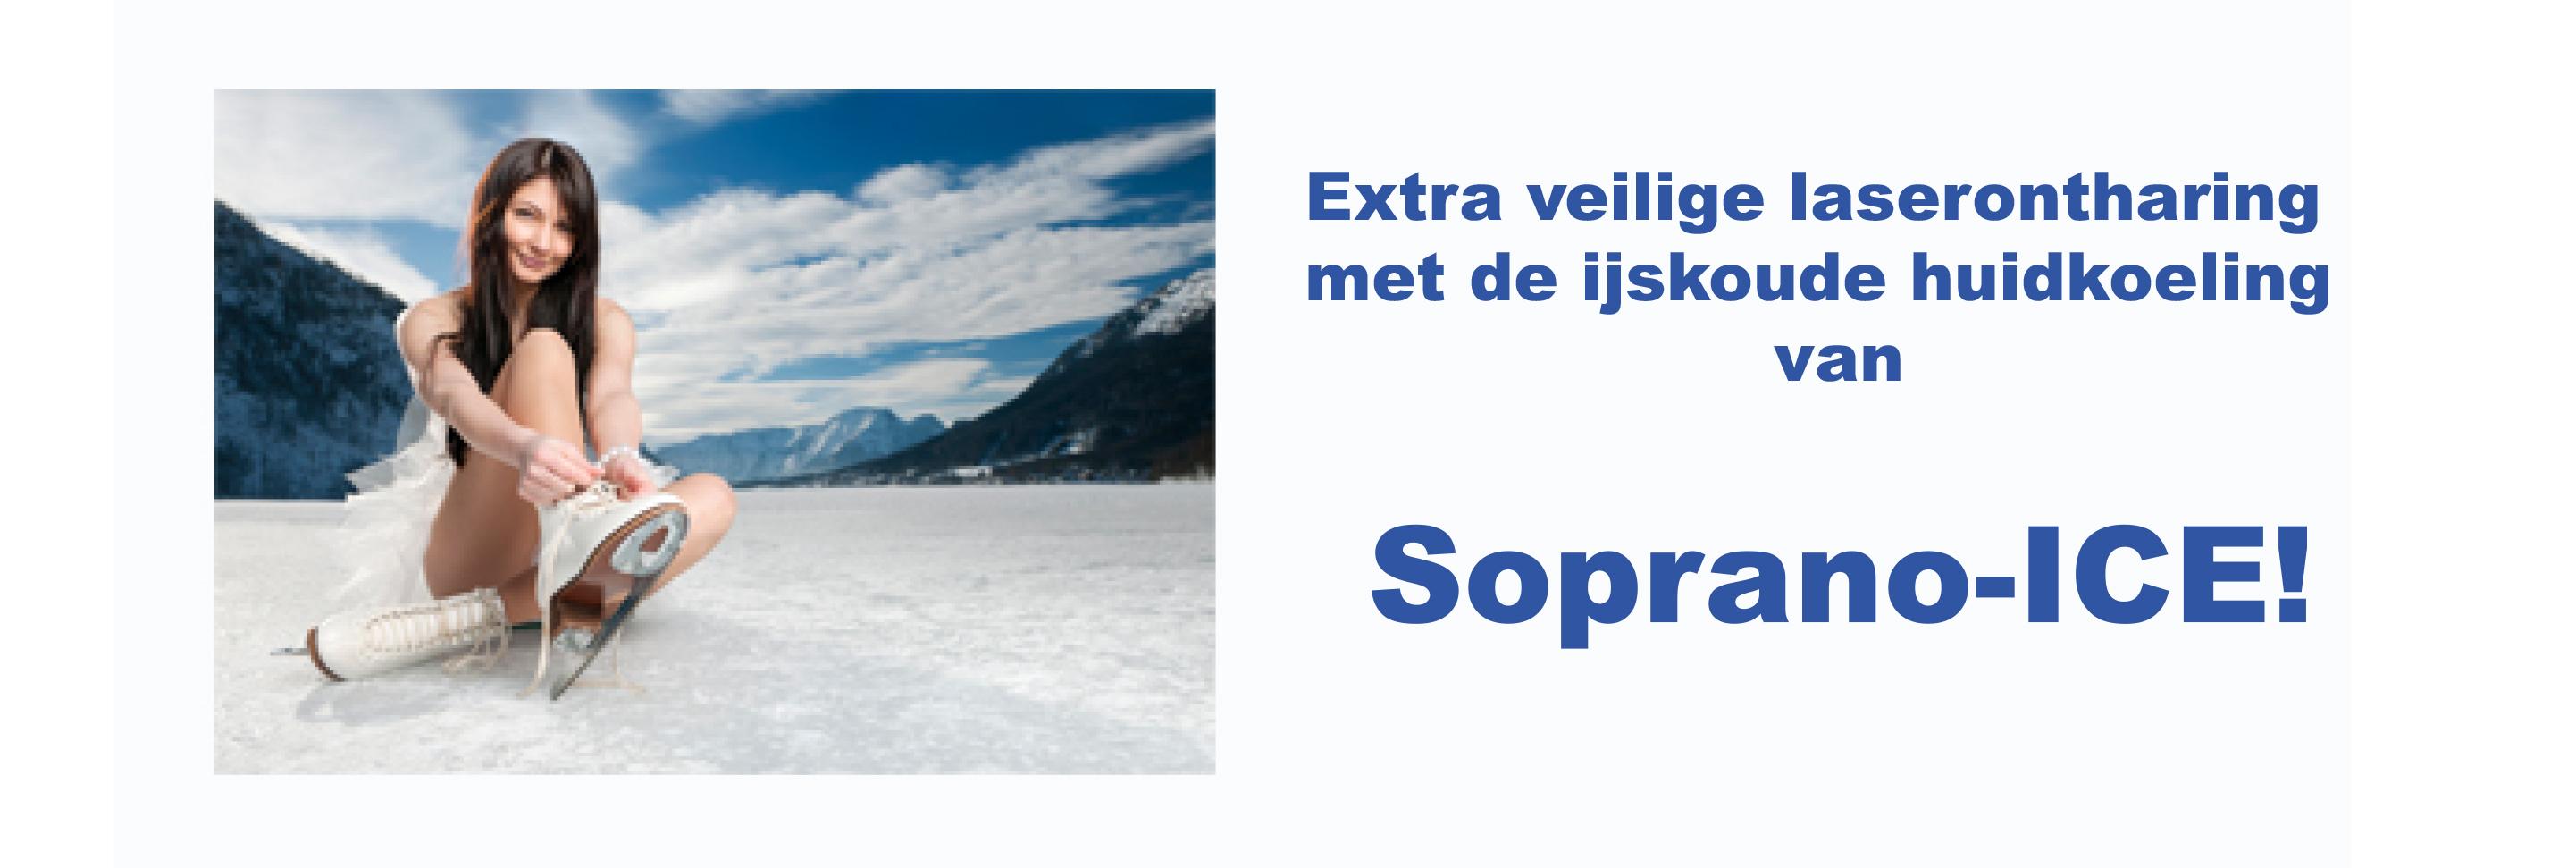 Extra veilige laserontharing met de ijskoude koeling van Soprano_ICE!